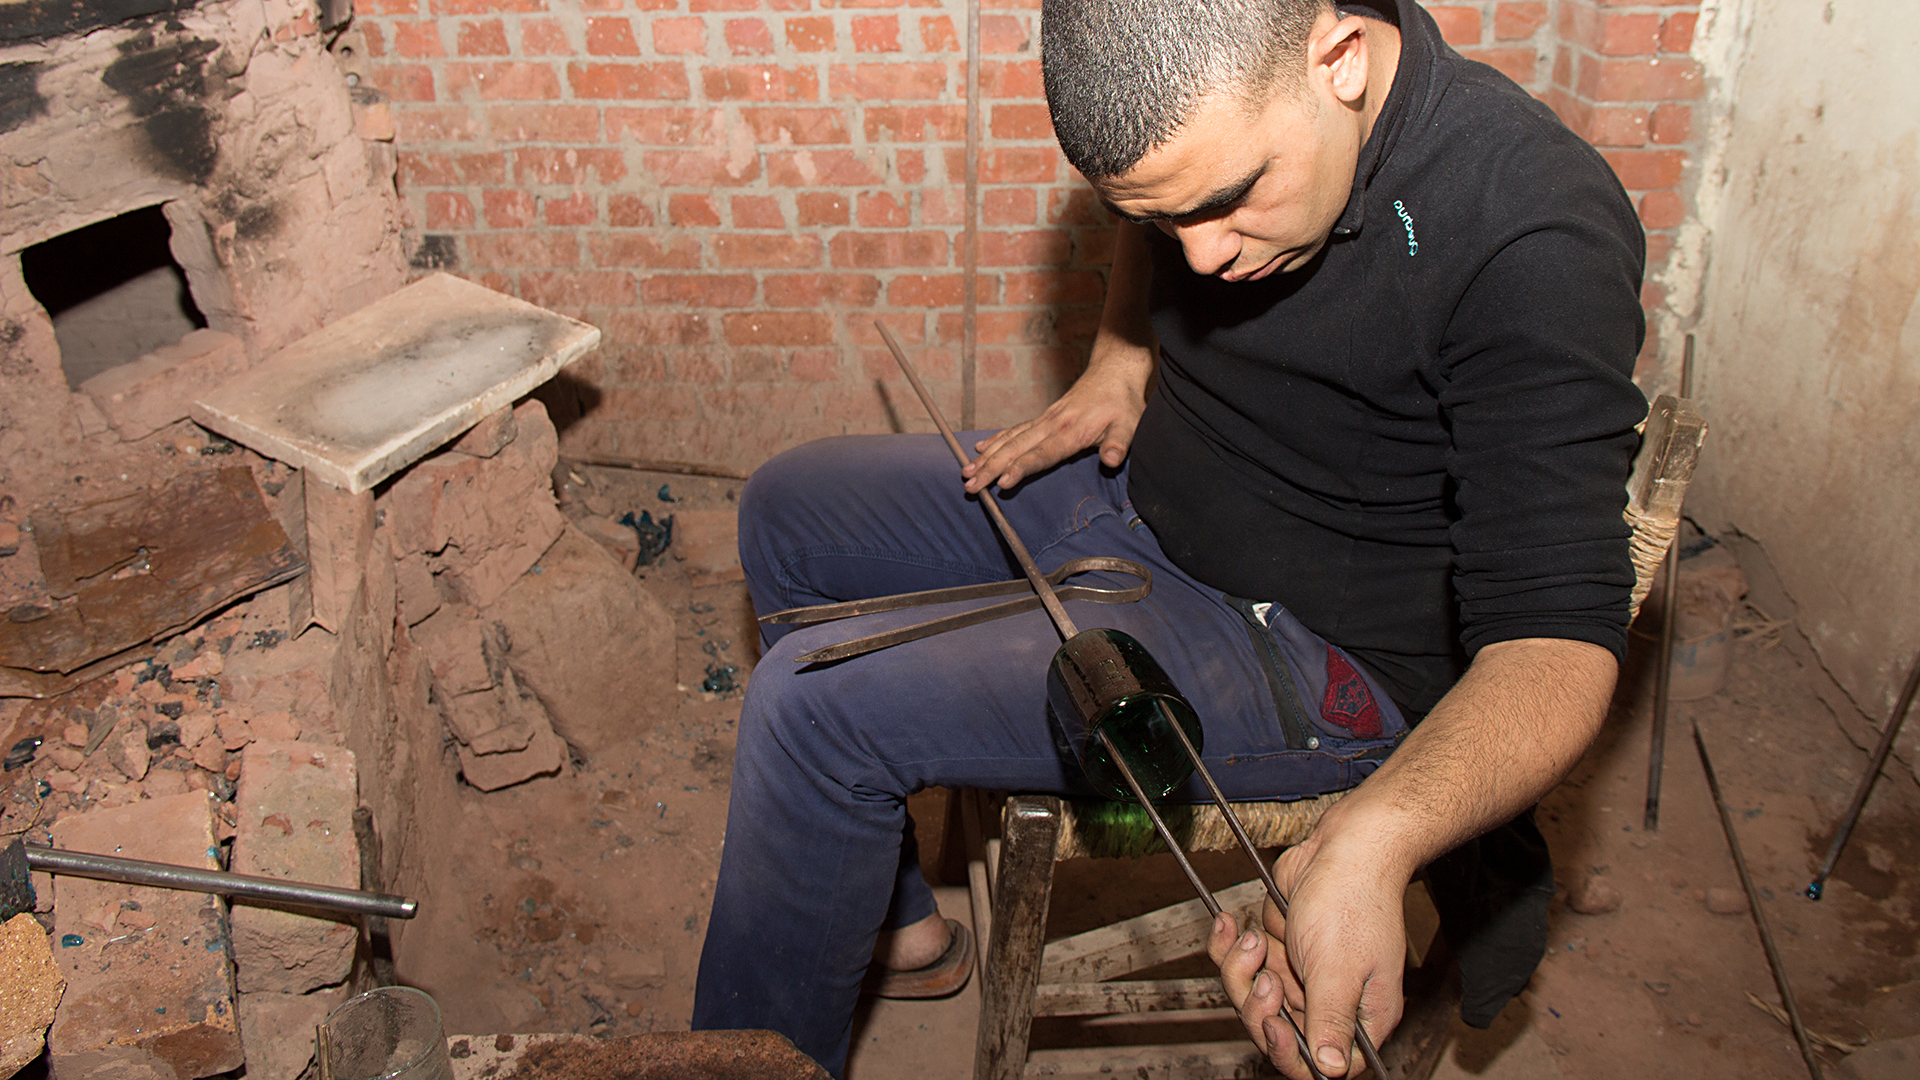 """Wir übernehmen Analysekosten: So haben wir die Laboranalyse """"lebensmittelecht"""" unserem Partner Yadawee kostenlos zur Verfügung gestellt: Von ihm beziehen wir Schalen- und Vasen aus Recycling-Glas."""